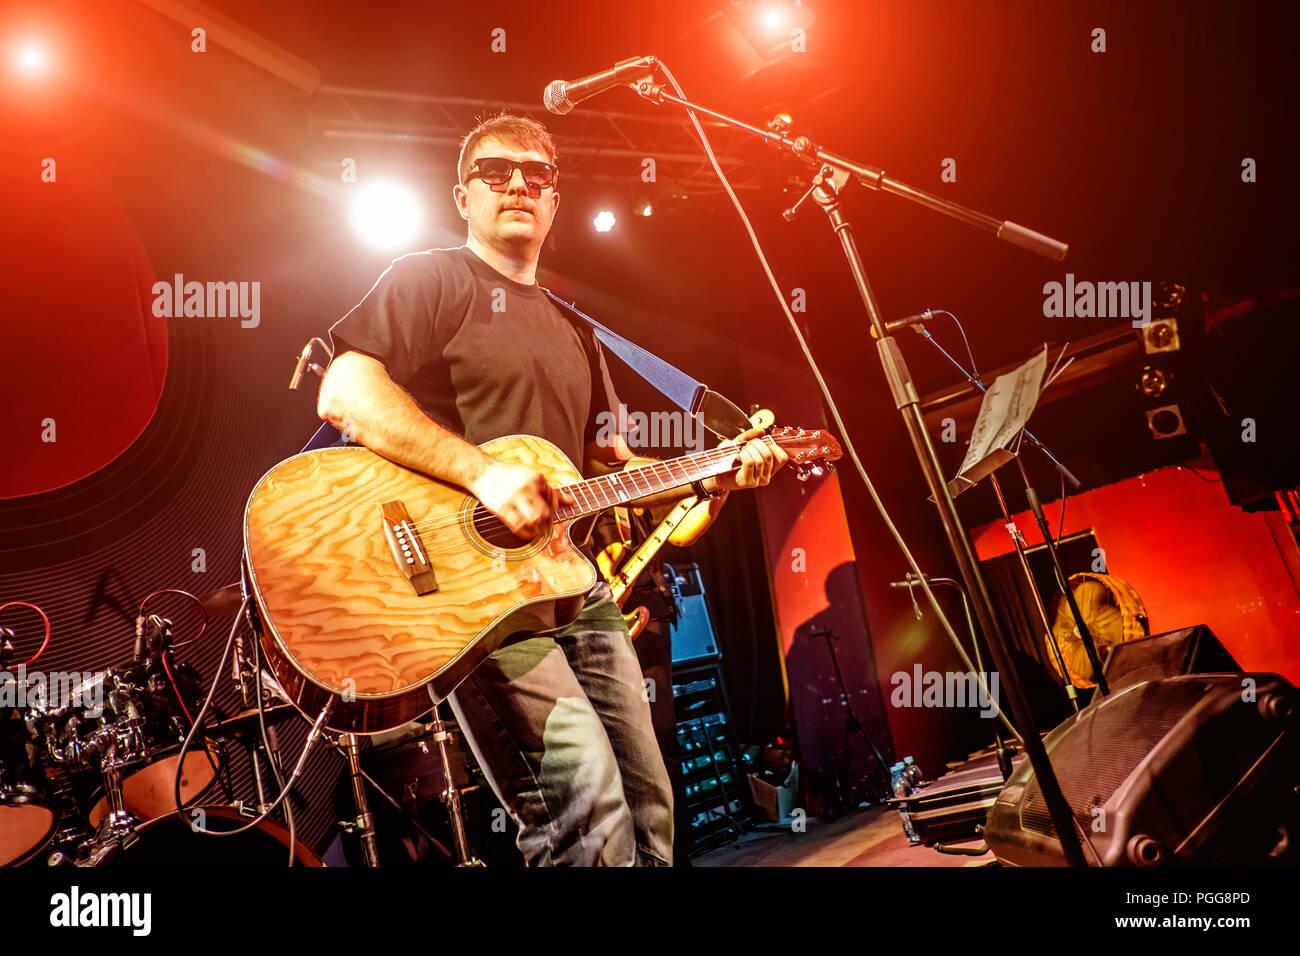 Band esegue sul palco musica rock concerto in una discoteca